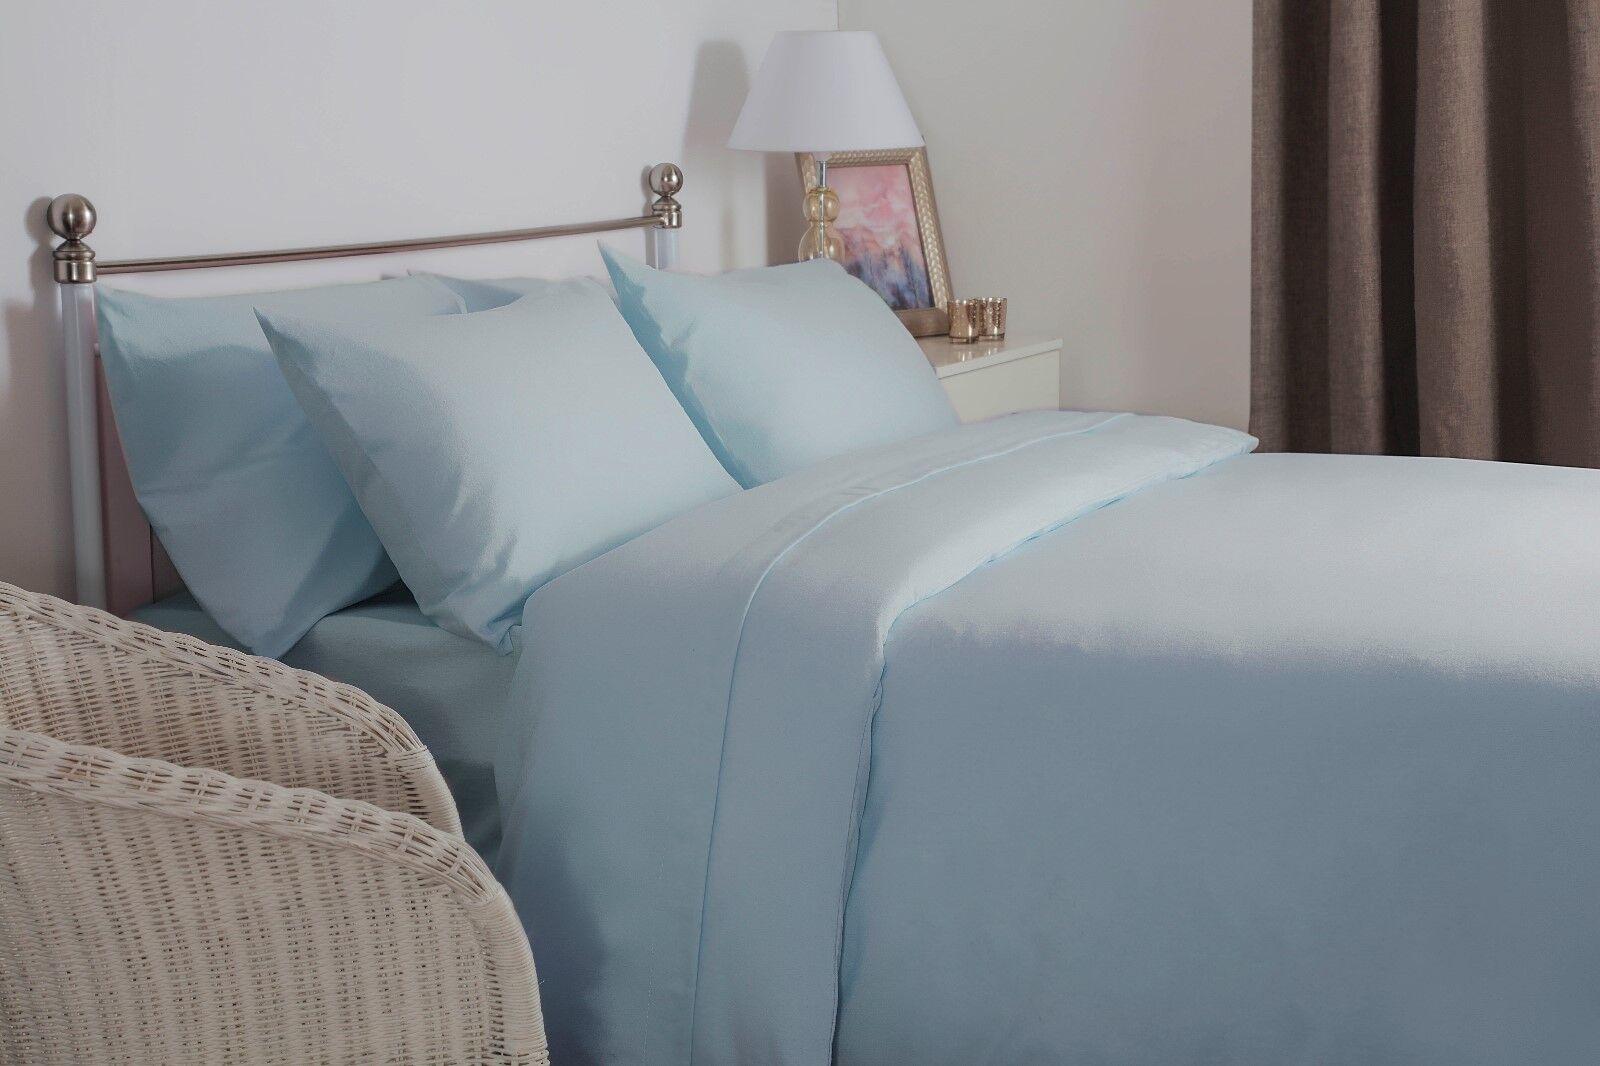 Belledorm 100% cotone spazzolato flanelette Biancheria da letto in BLU tutte le taglie 175gsm